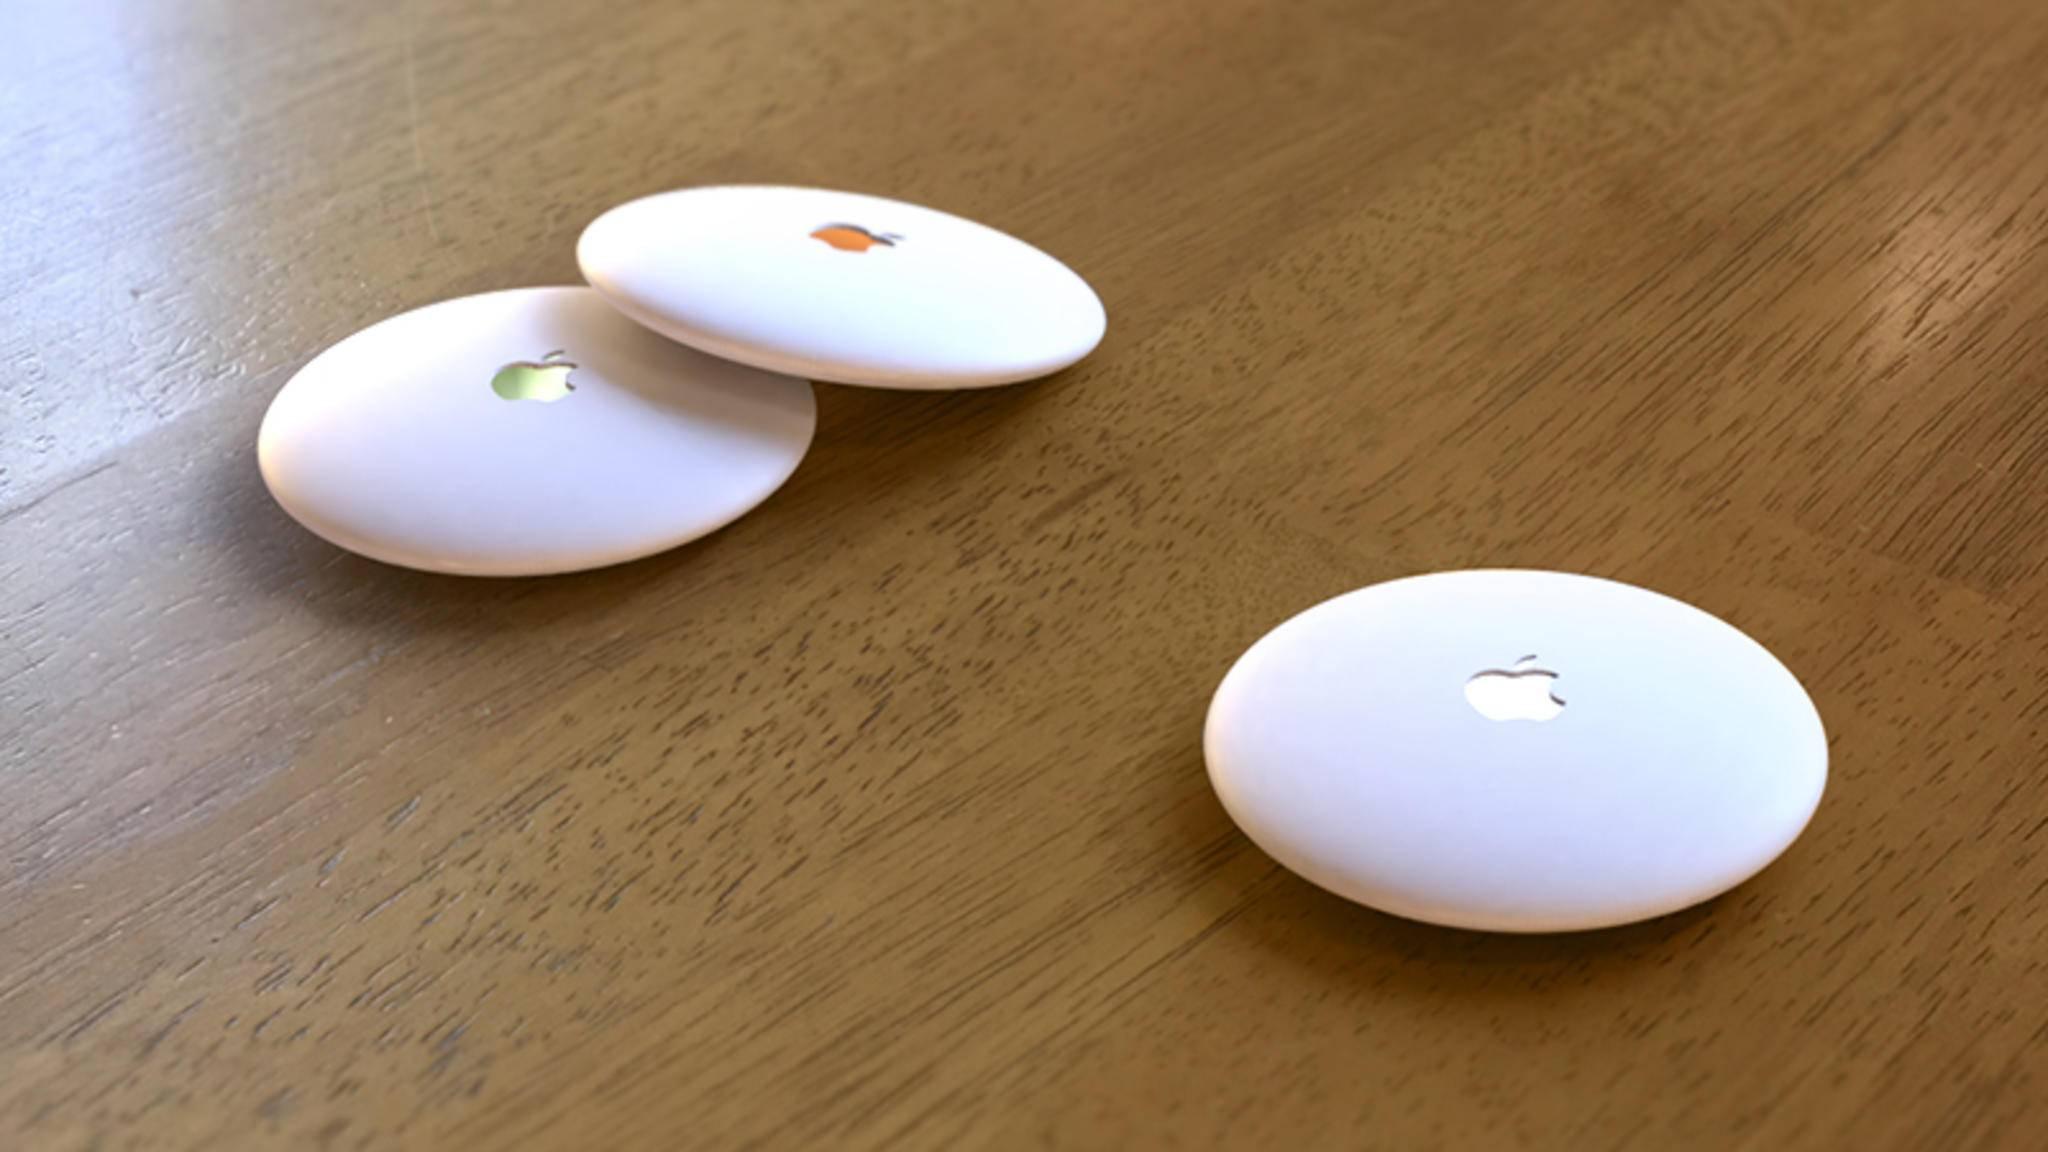 Apples Gegenstand-Tracker könnte 100-Mal genauer als Tile sein